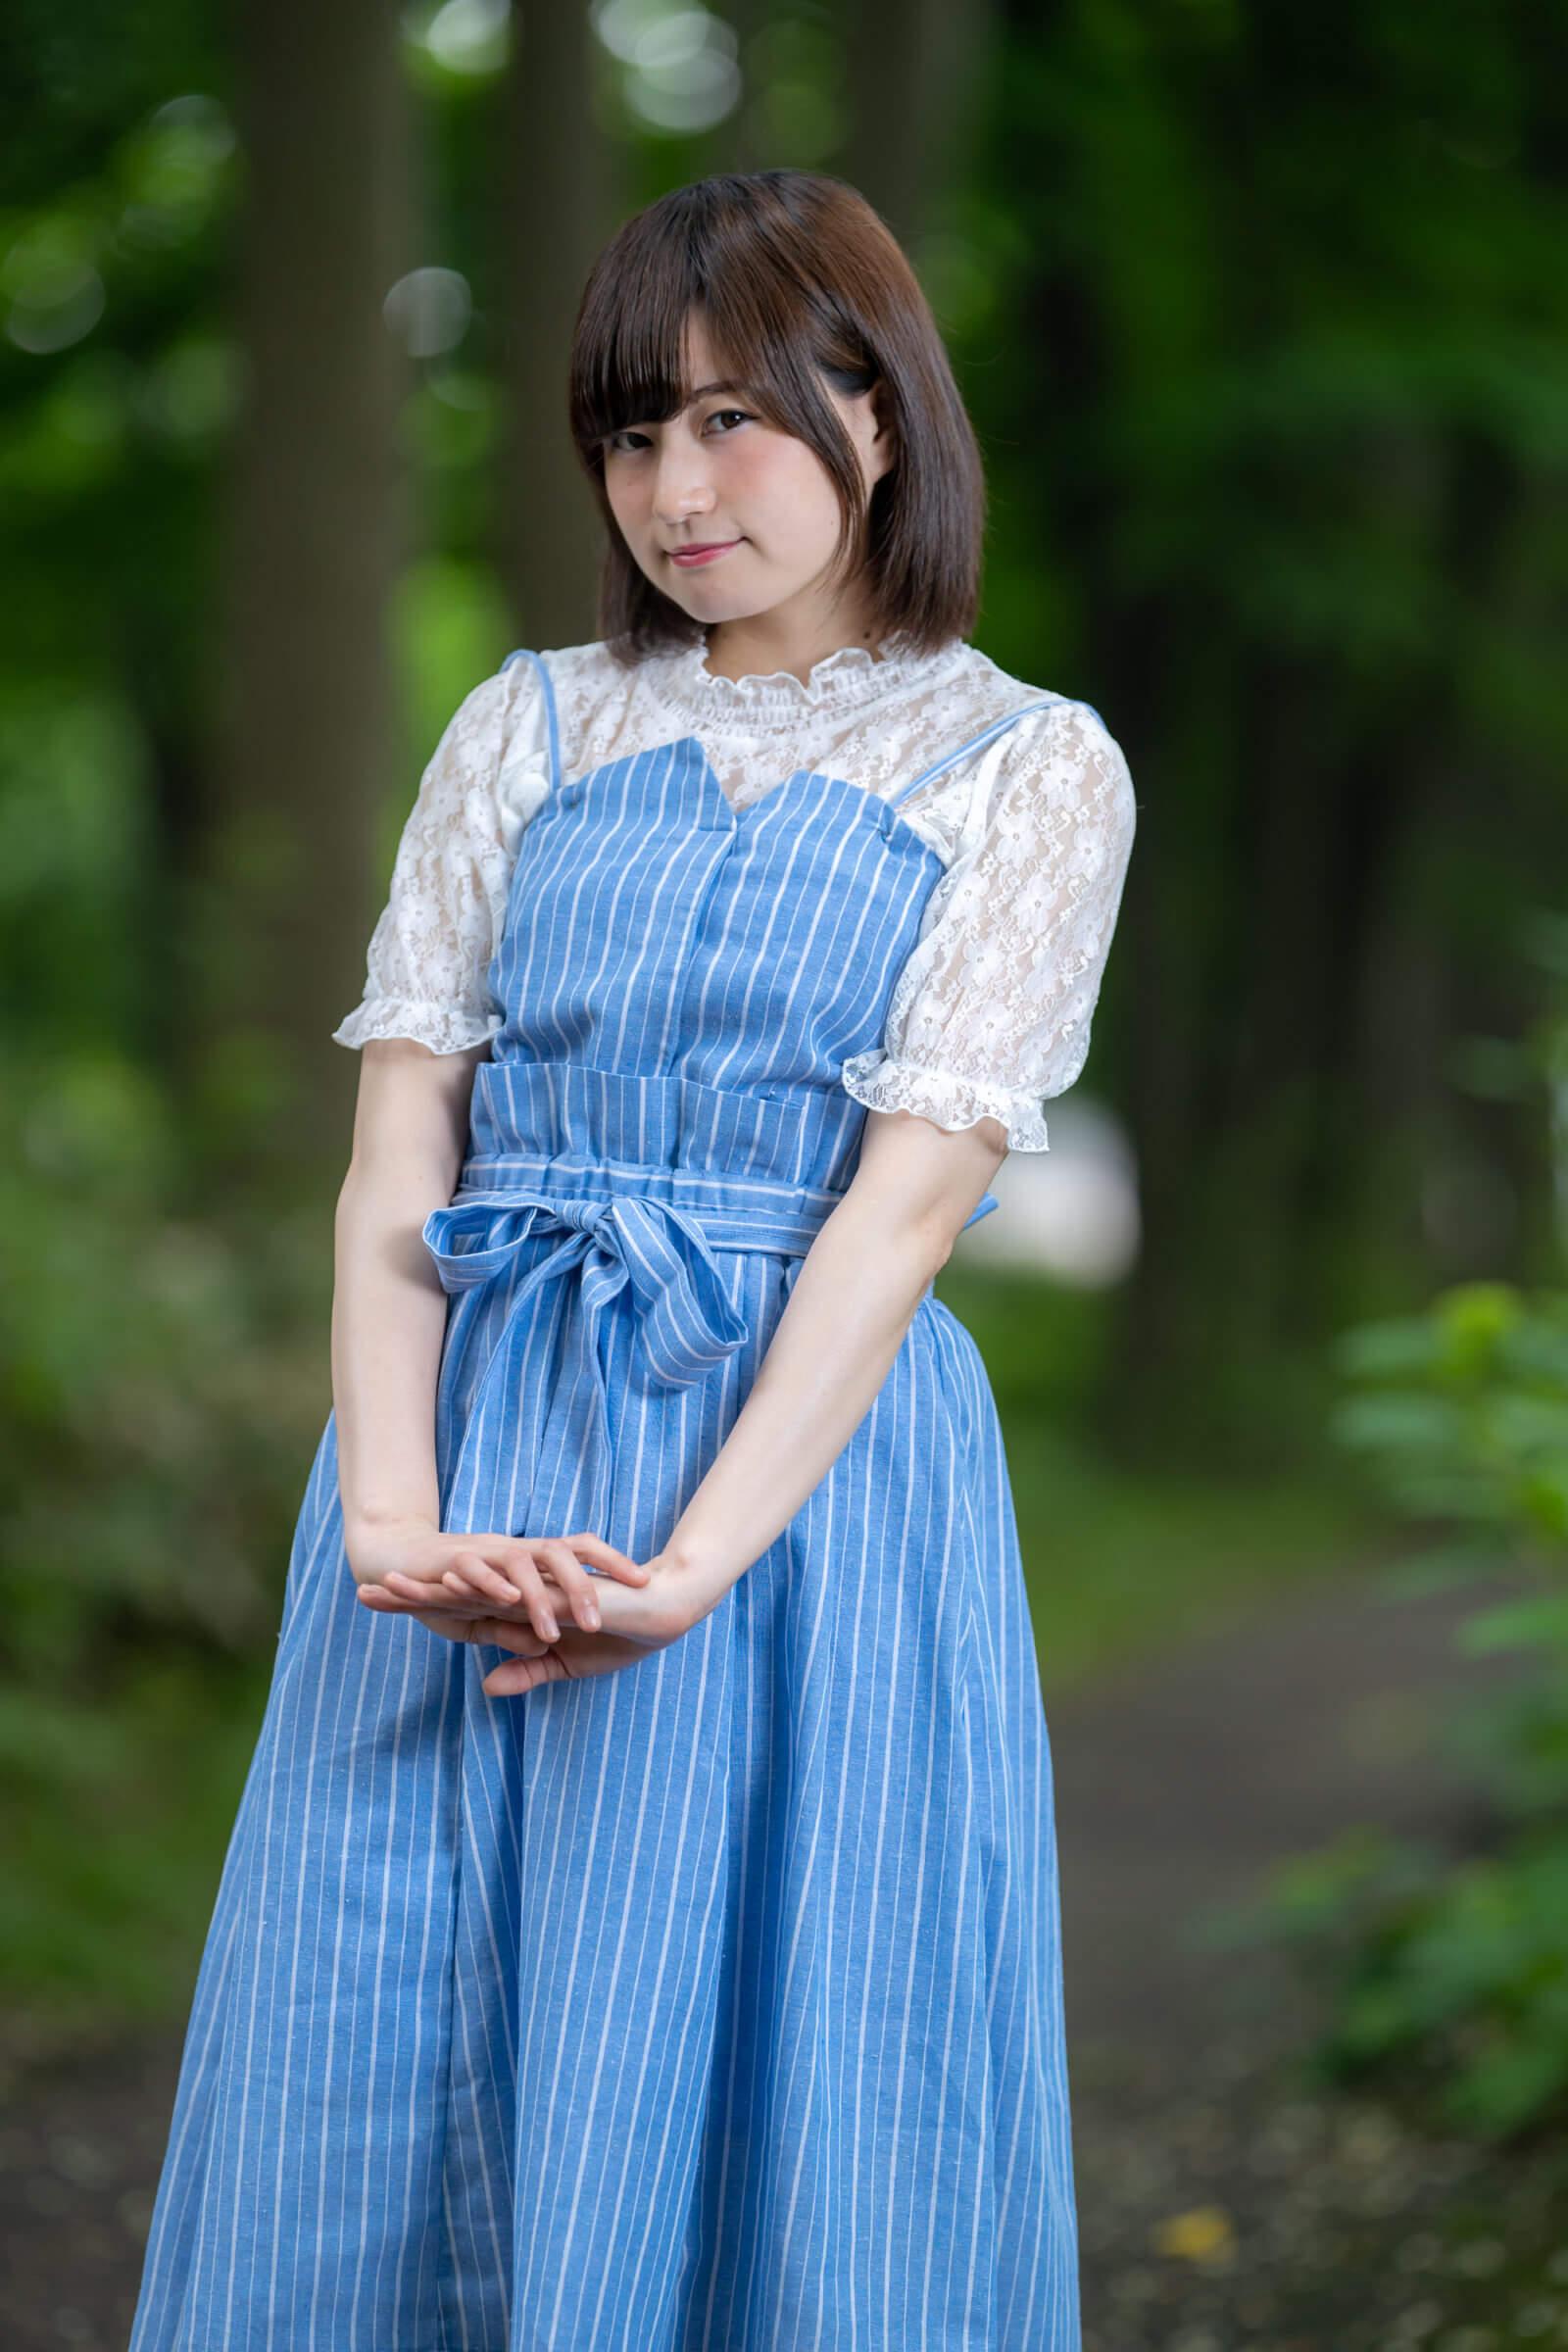 2代目HAPPY少女♪ あゆみ ( 新谷亜由美 ) | モデルプロ撮影会